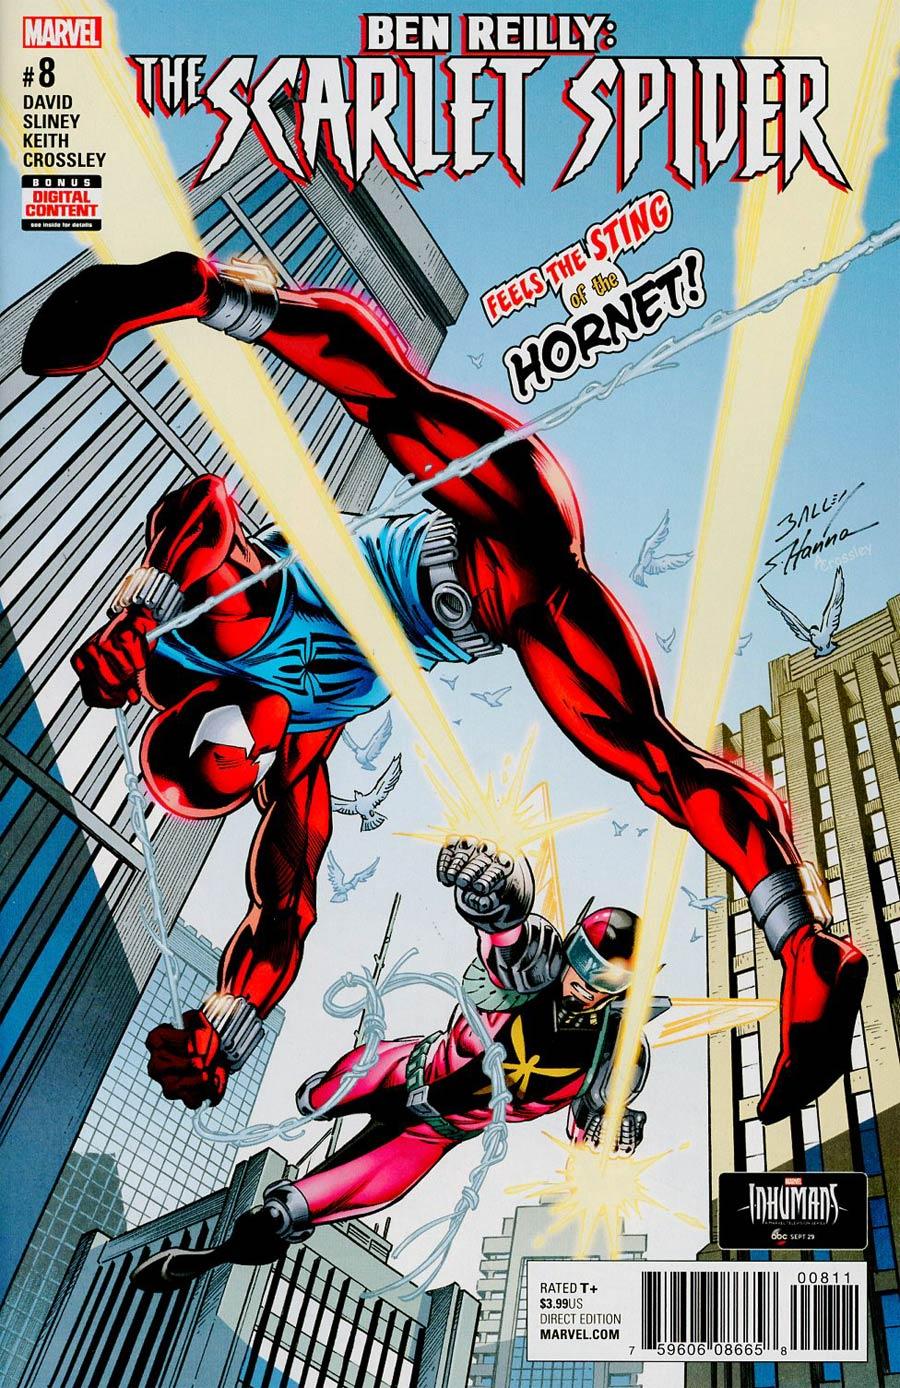 Ben Reilly The Scarlet Spider #8